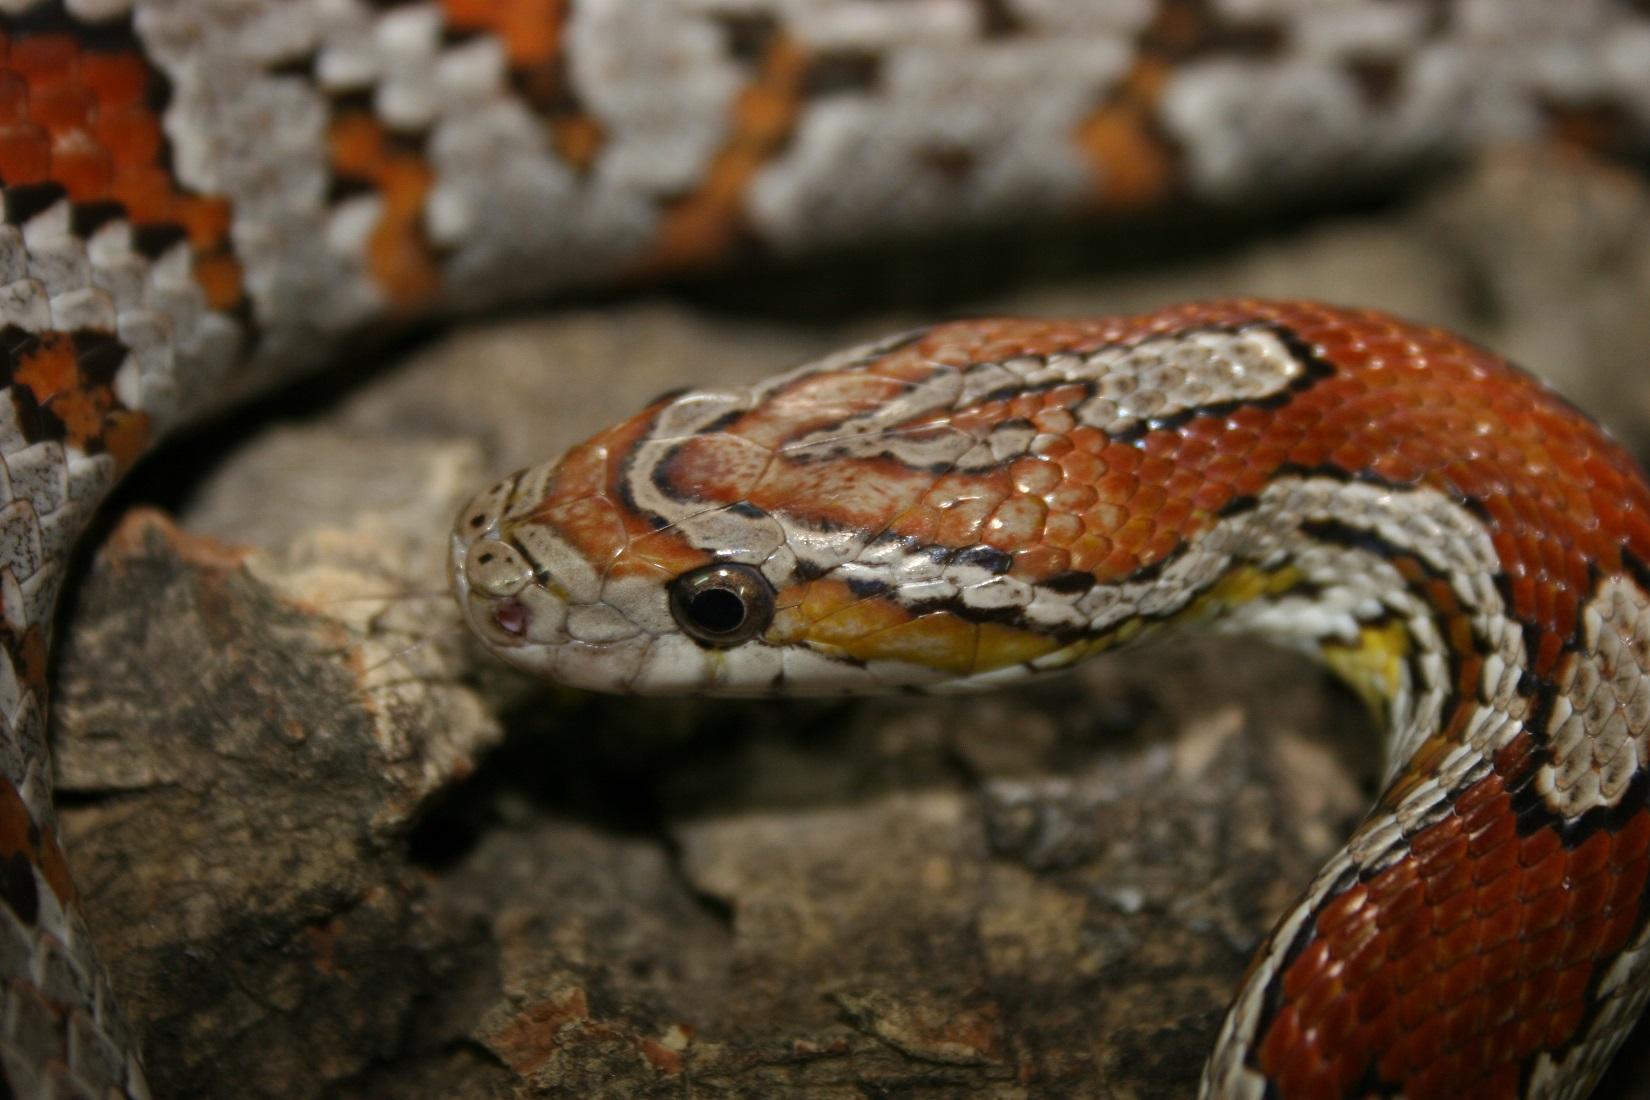 comment prendre un python royal